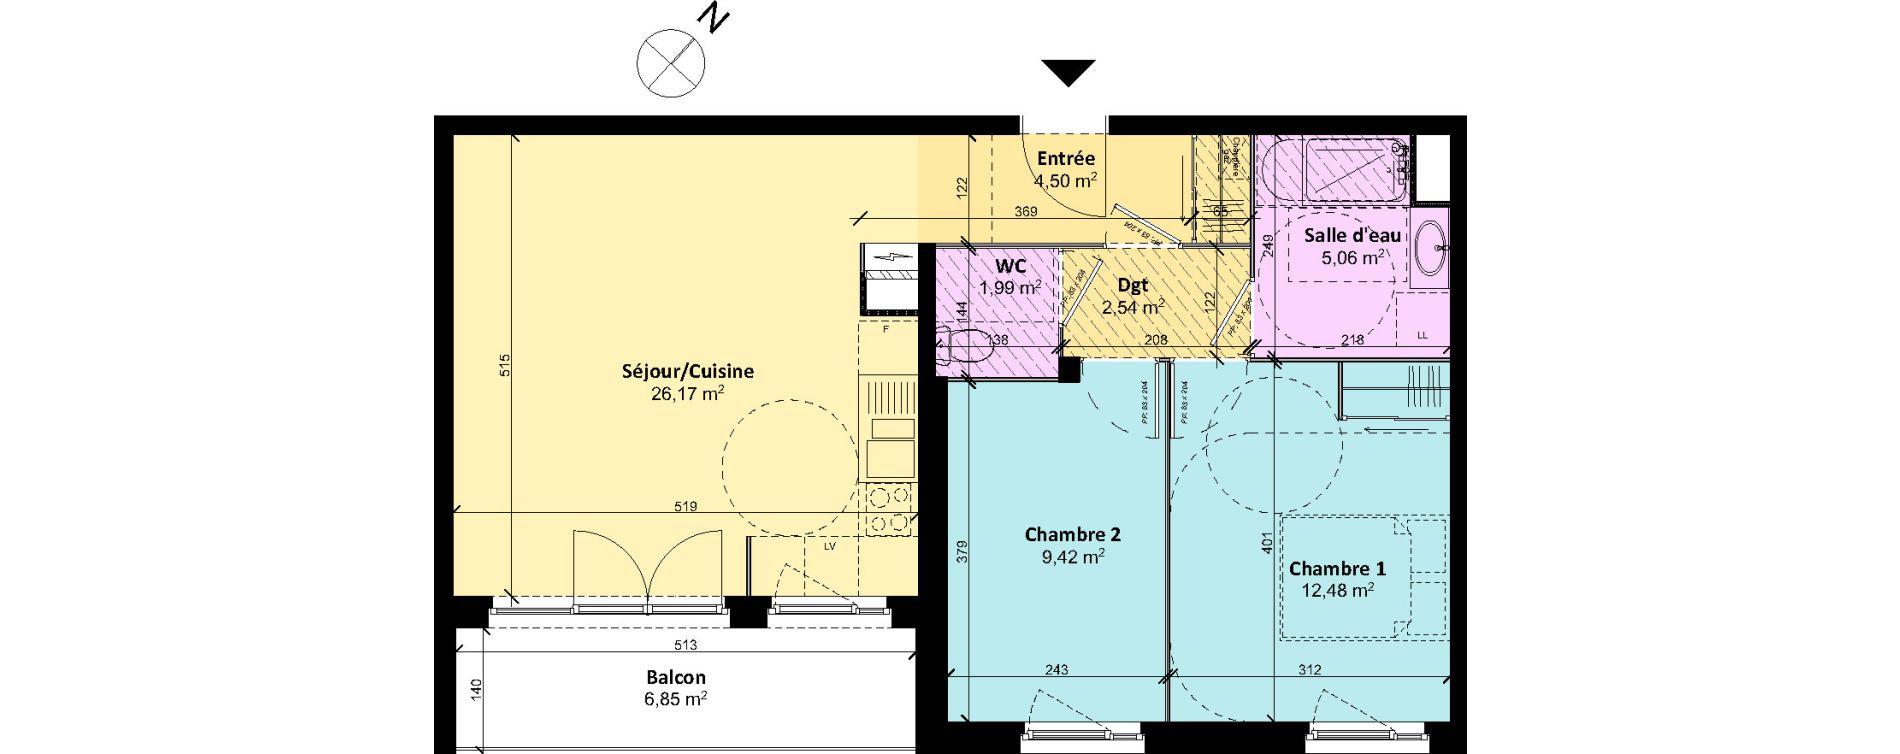 Plan T3 neuf à Chartres de